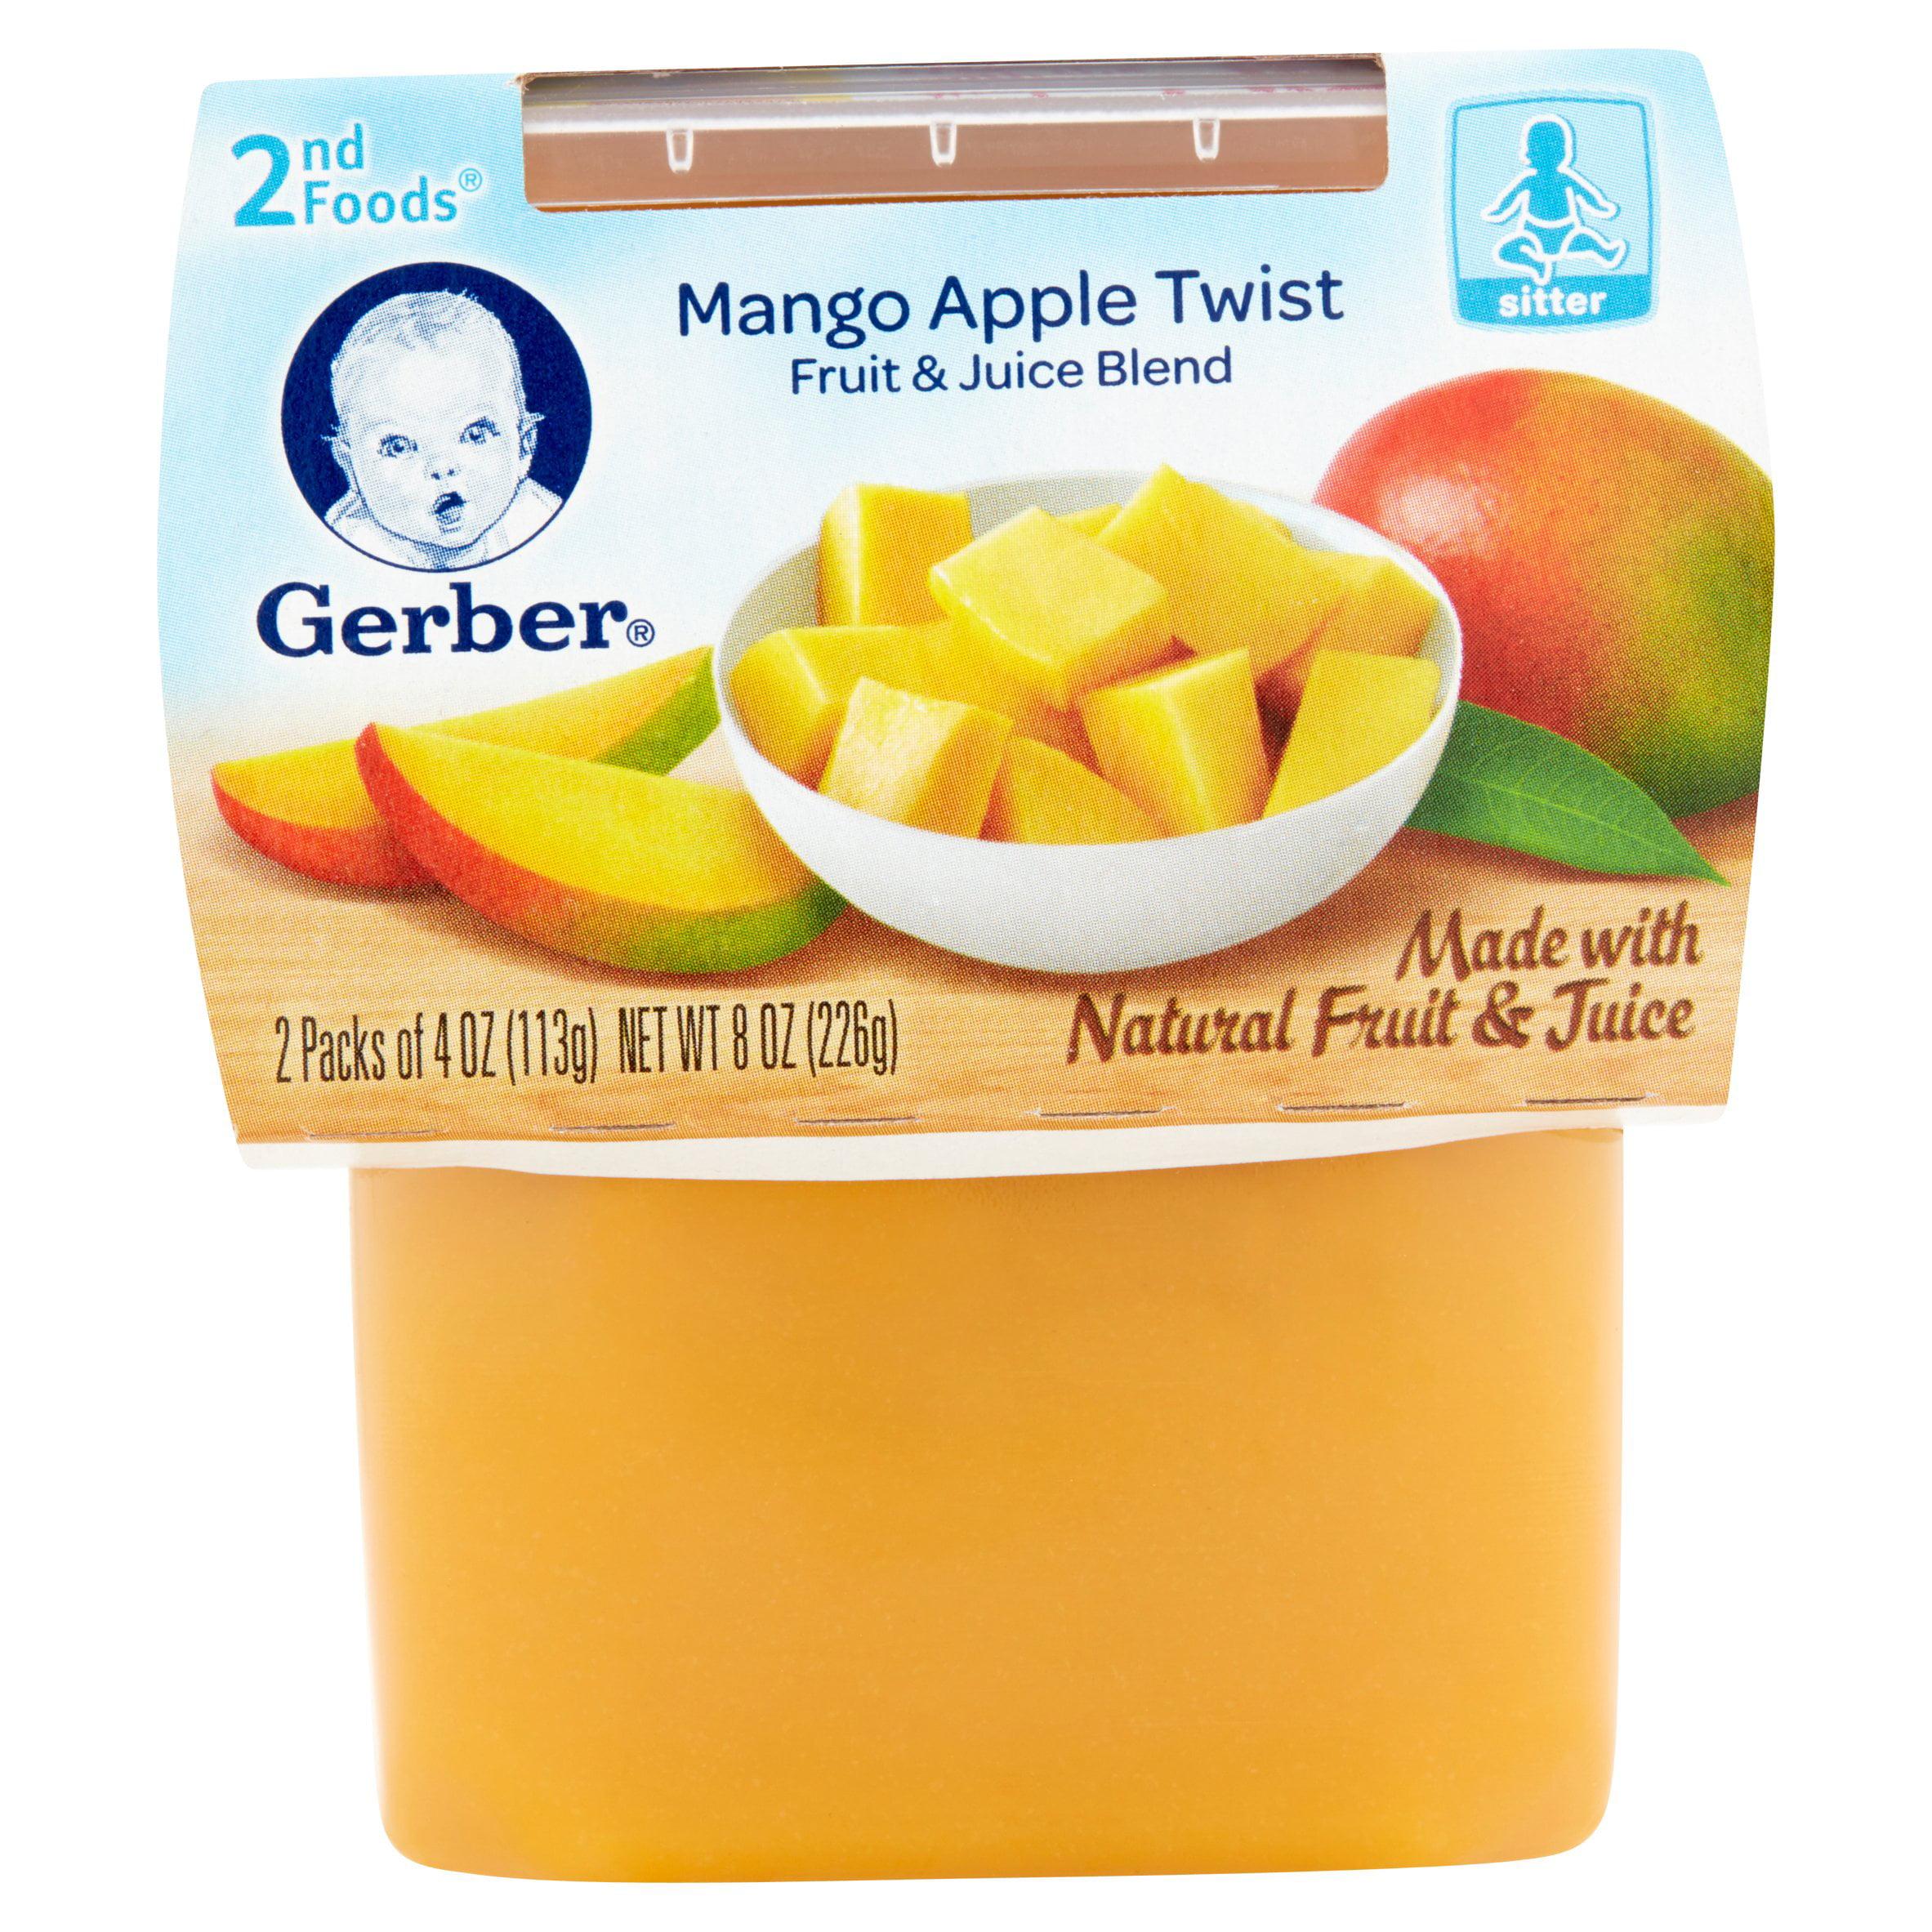 Gerber 2nd Foods Mango Dessert, 3.5 oz, 2 ct by Gerber